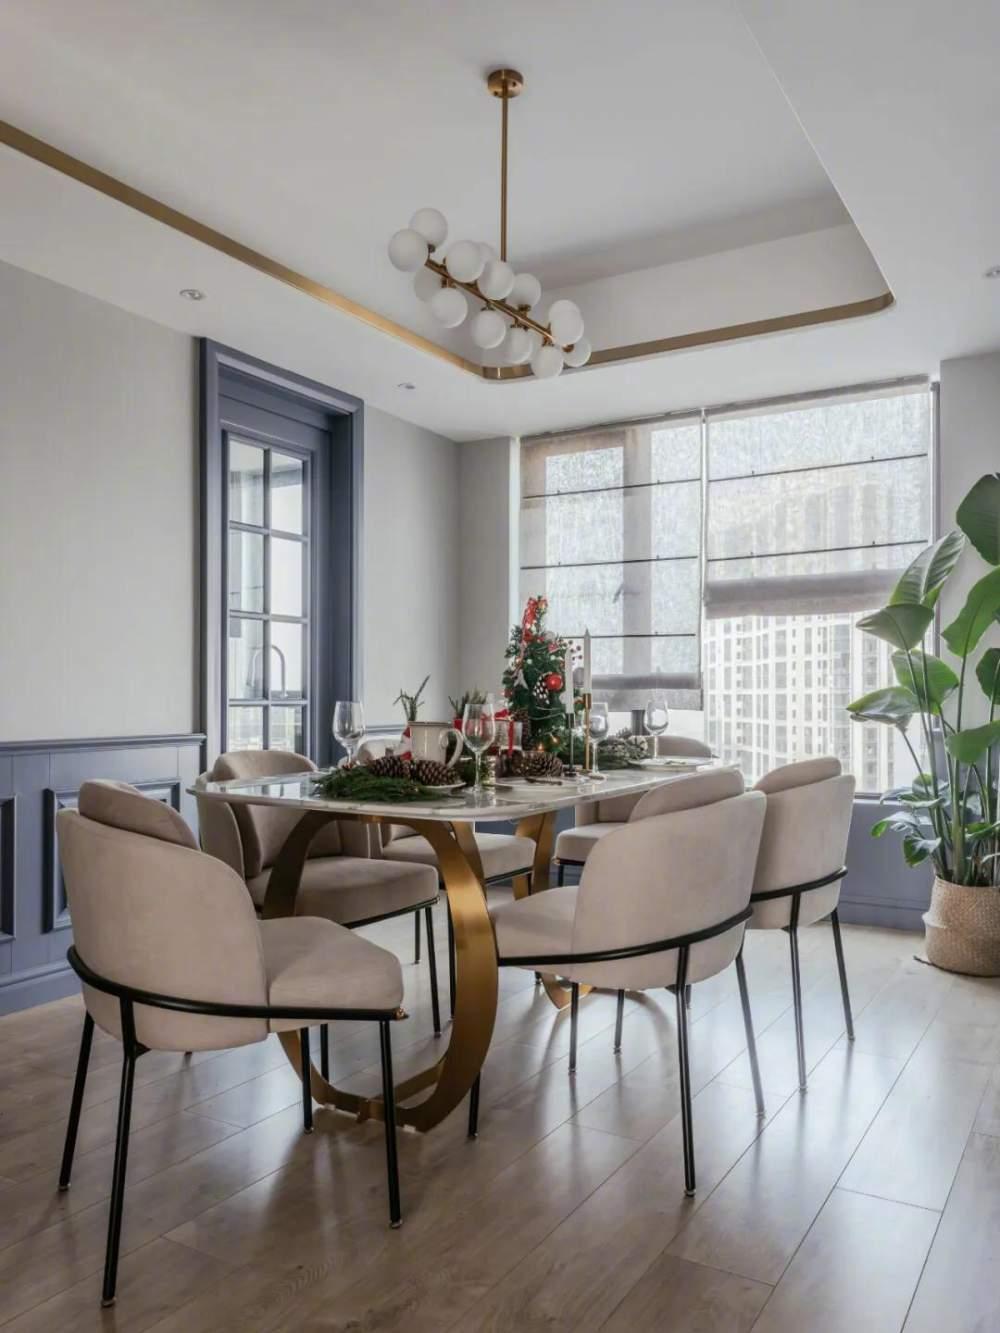 132㎡美式轻奢,墙面蓝色造型,吊顶金属线框,营造出安静华丽